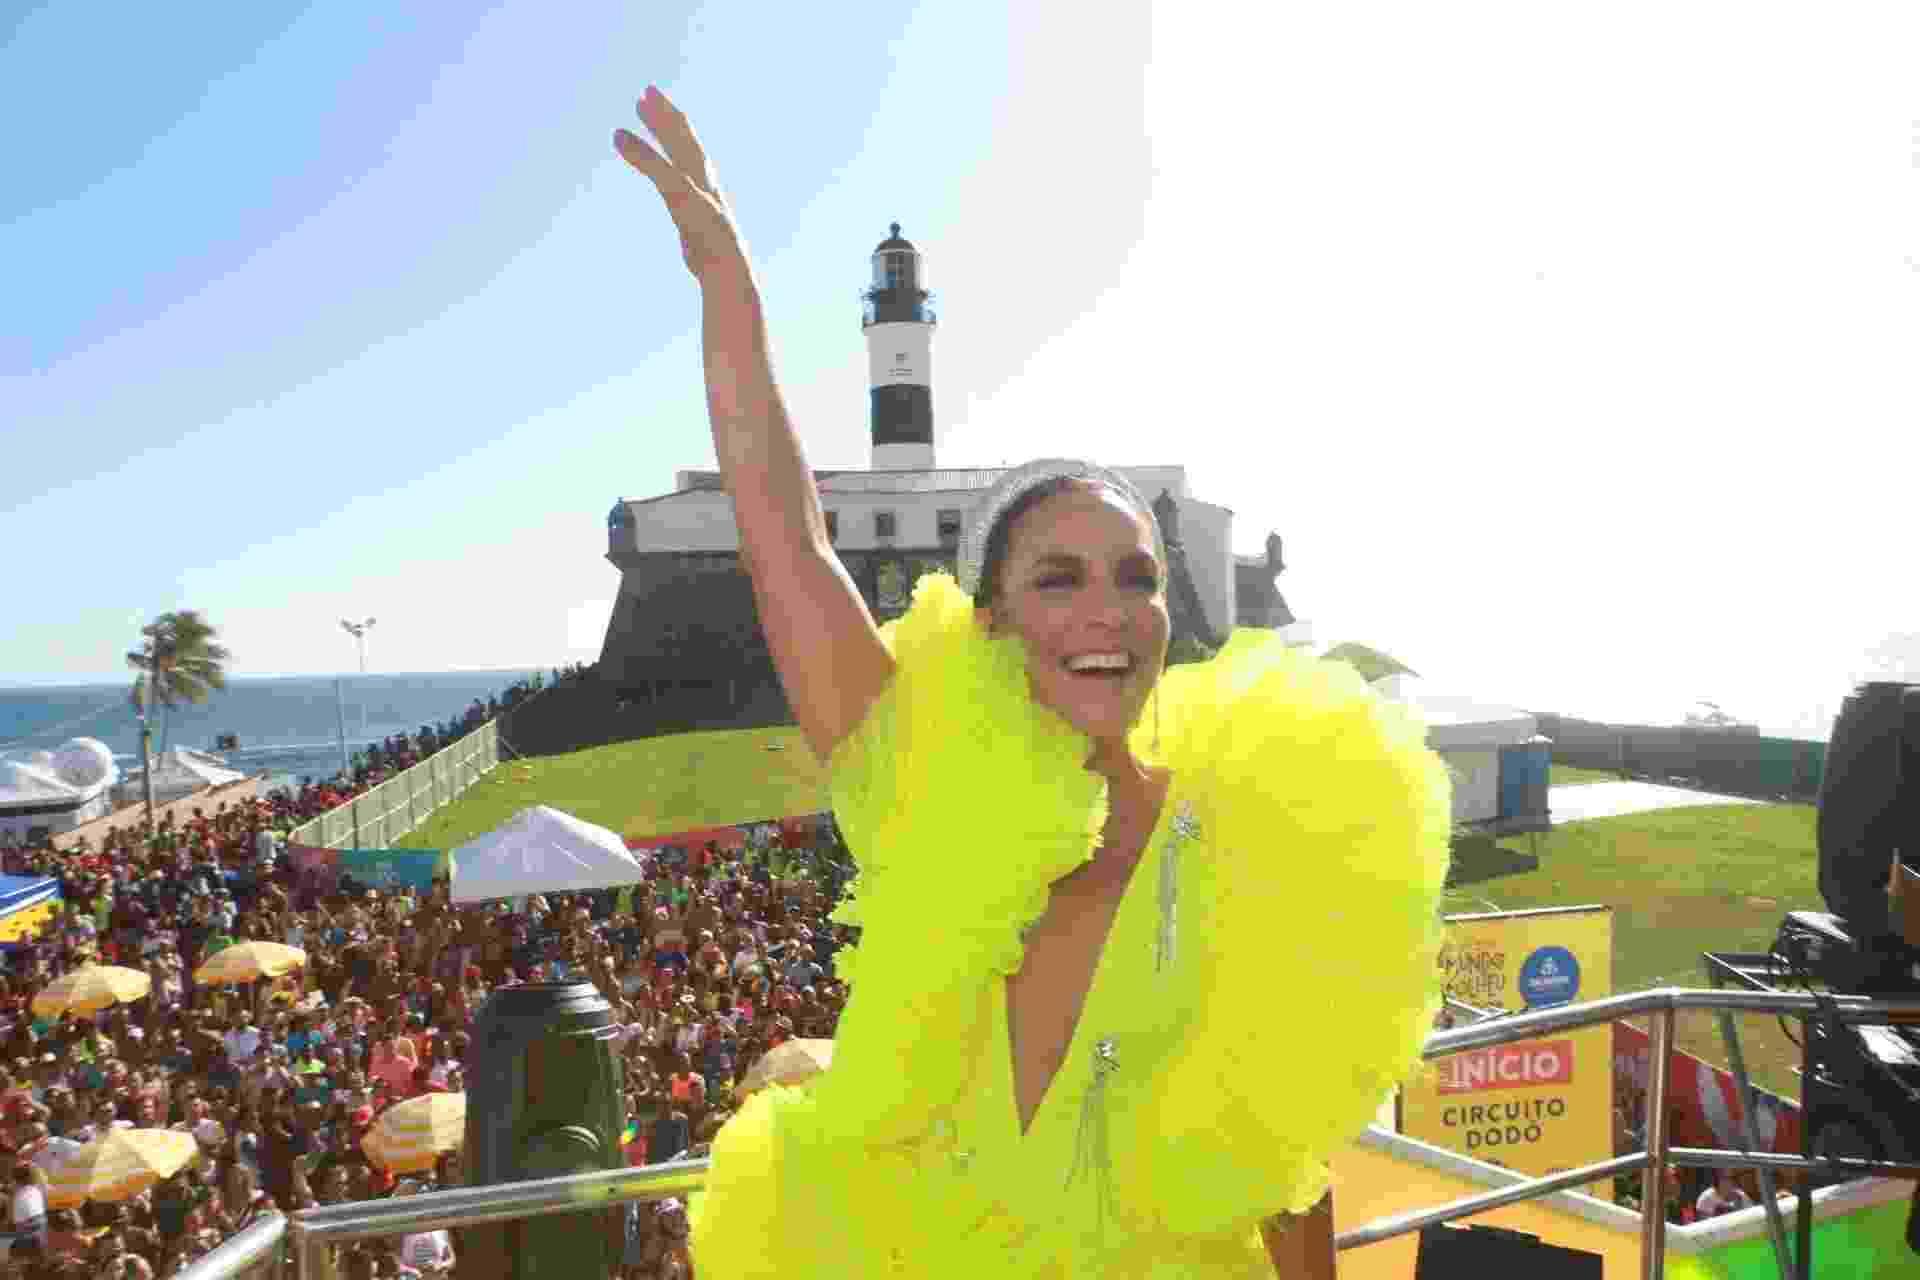 A cantora Ivete Sangalo comandou seu bloco na frente do Farol da Barra, em Salvador - Dilson Silva/Agnews